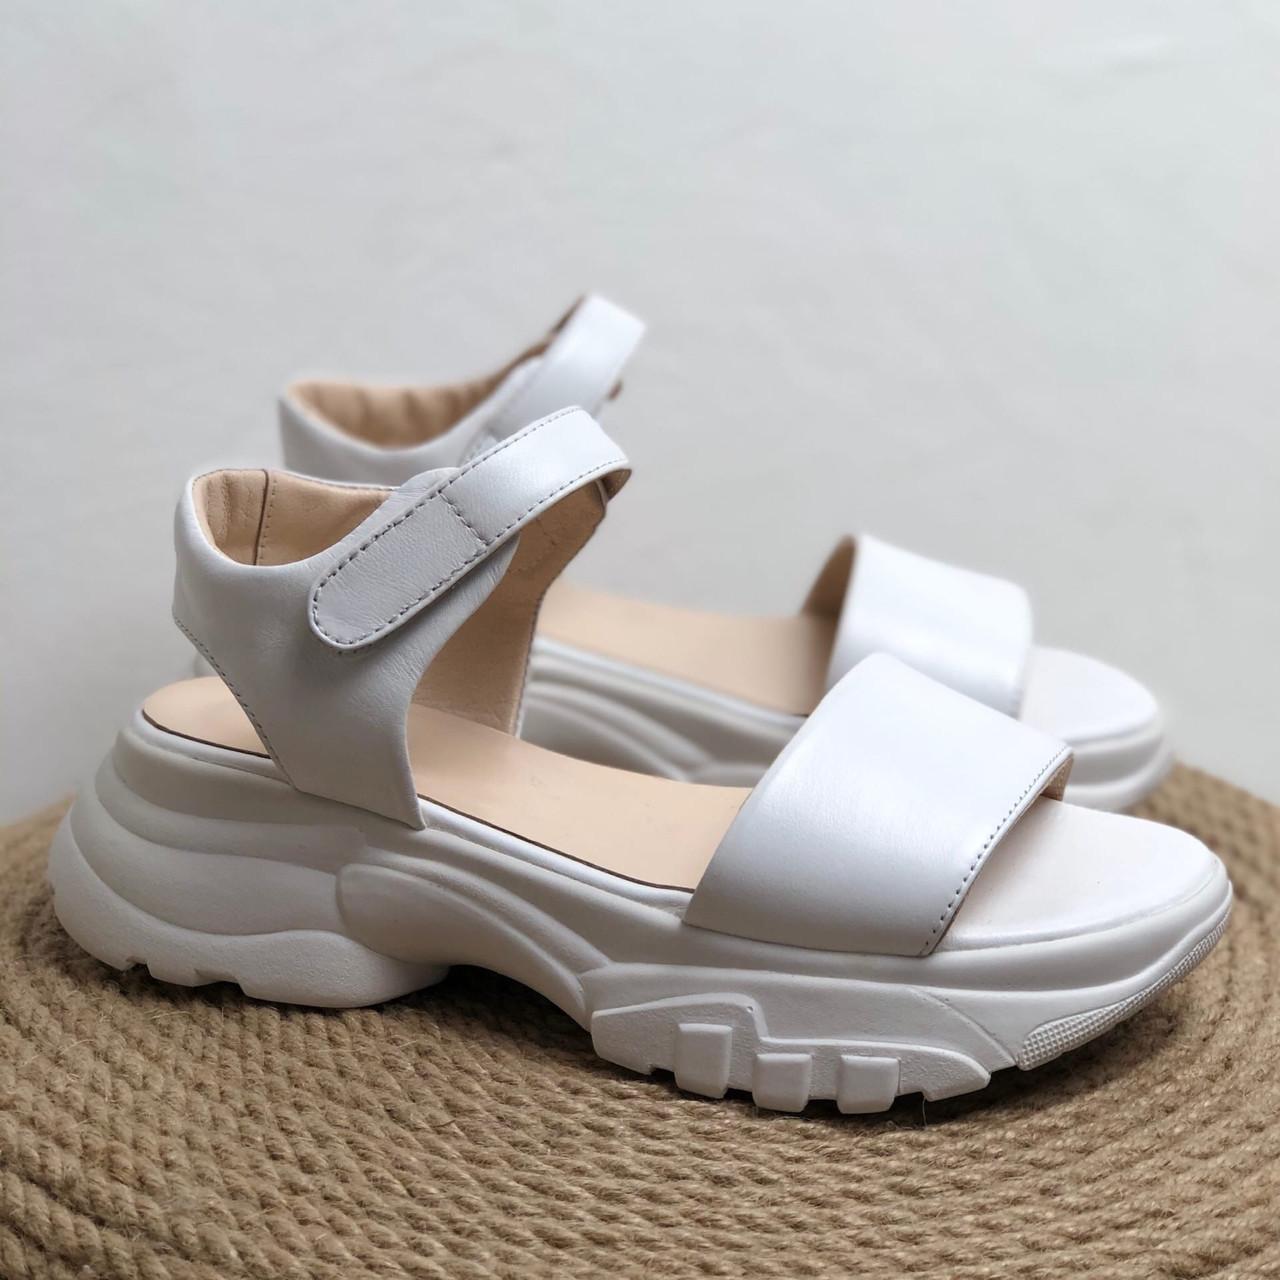 Женские кожаные босоножки белого цвета Возможен отшив в других цветах